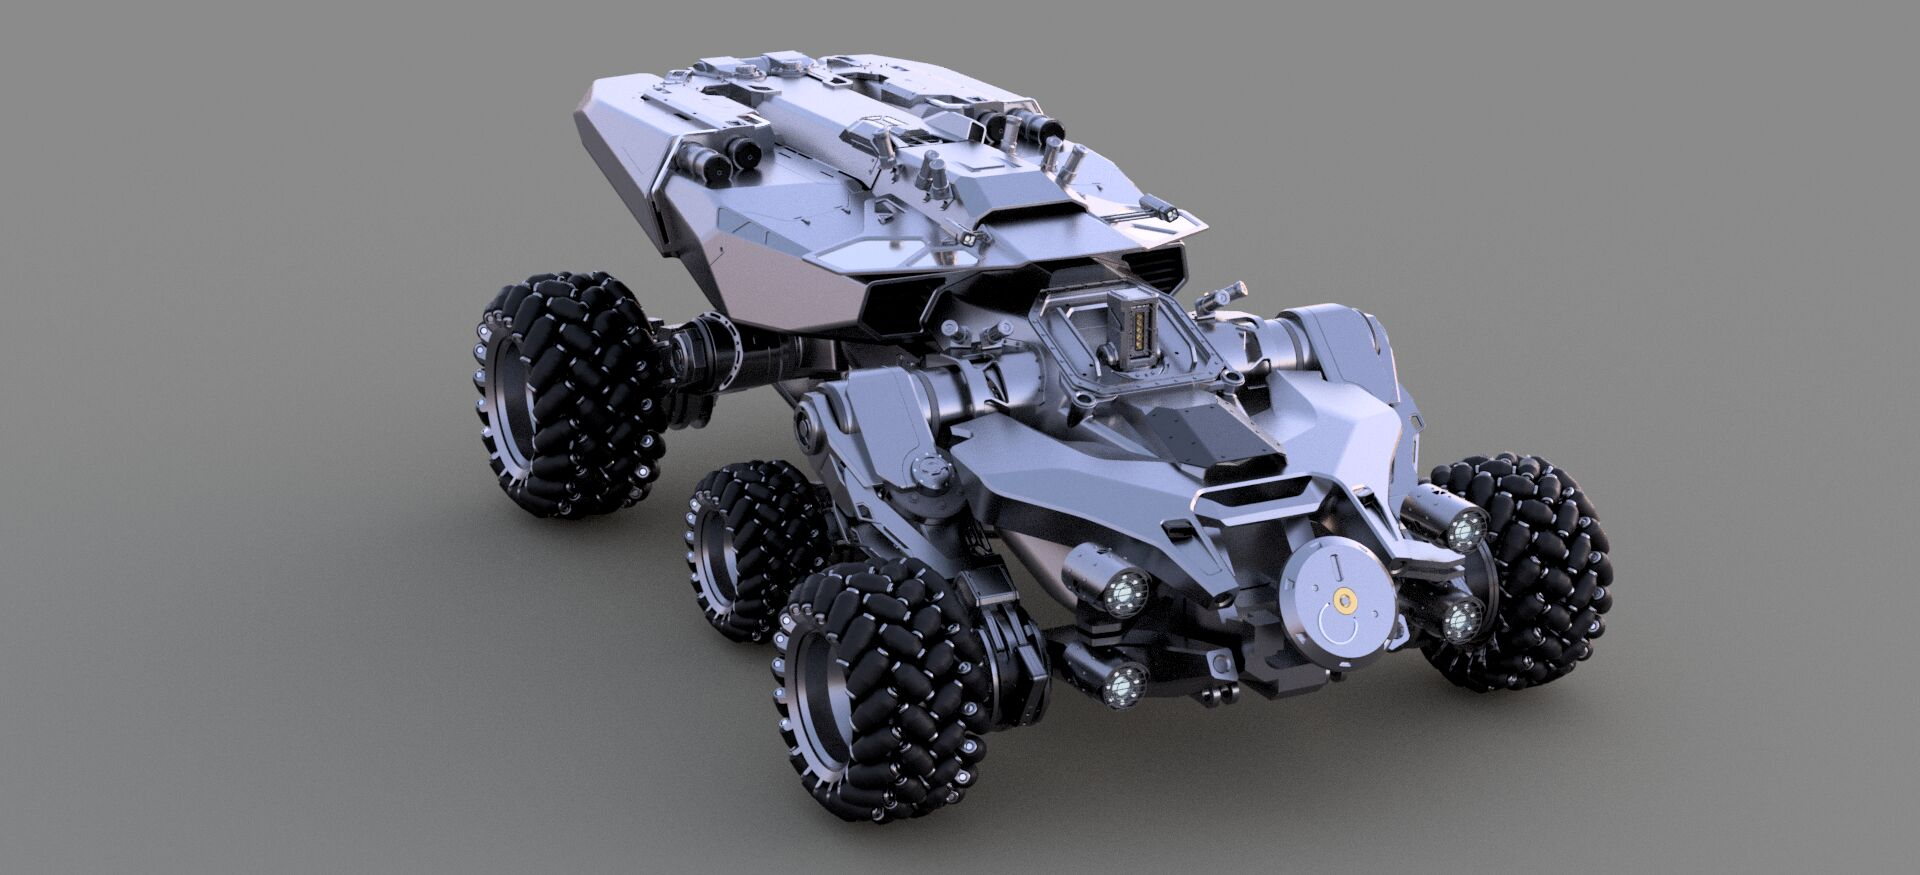 Scorpion-v54-3500-3500